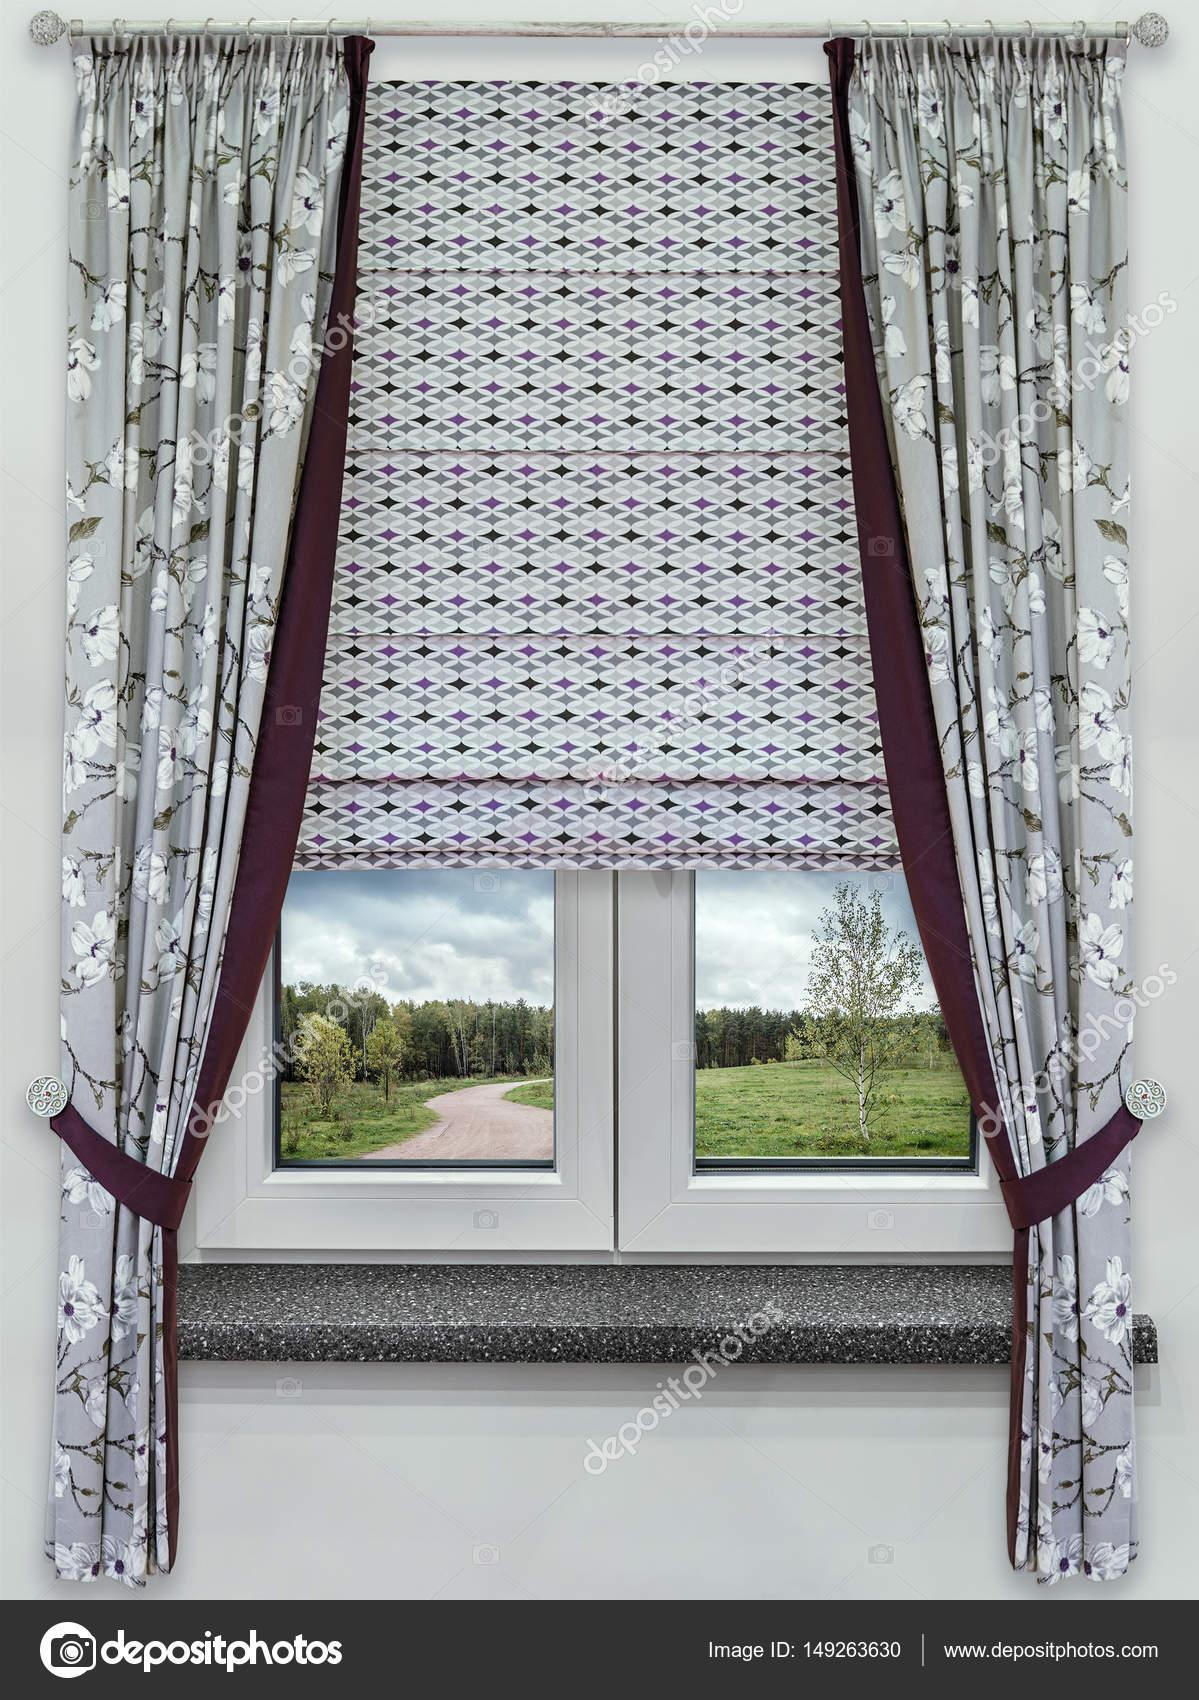 een lila invoegen en romeinse gordijnen met een geometrische ornament weergeven van het venster op de weg naar het bos foto van fotiy